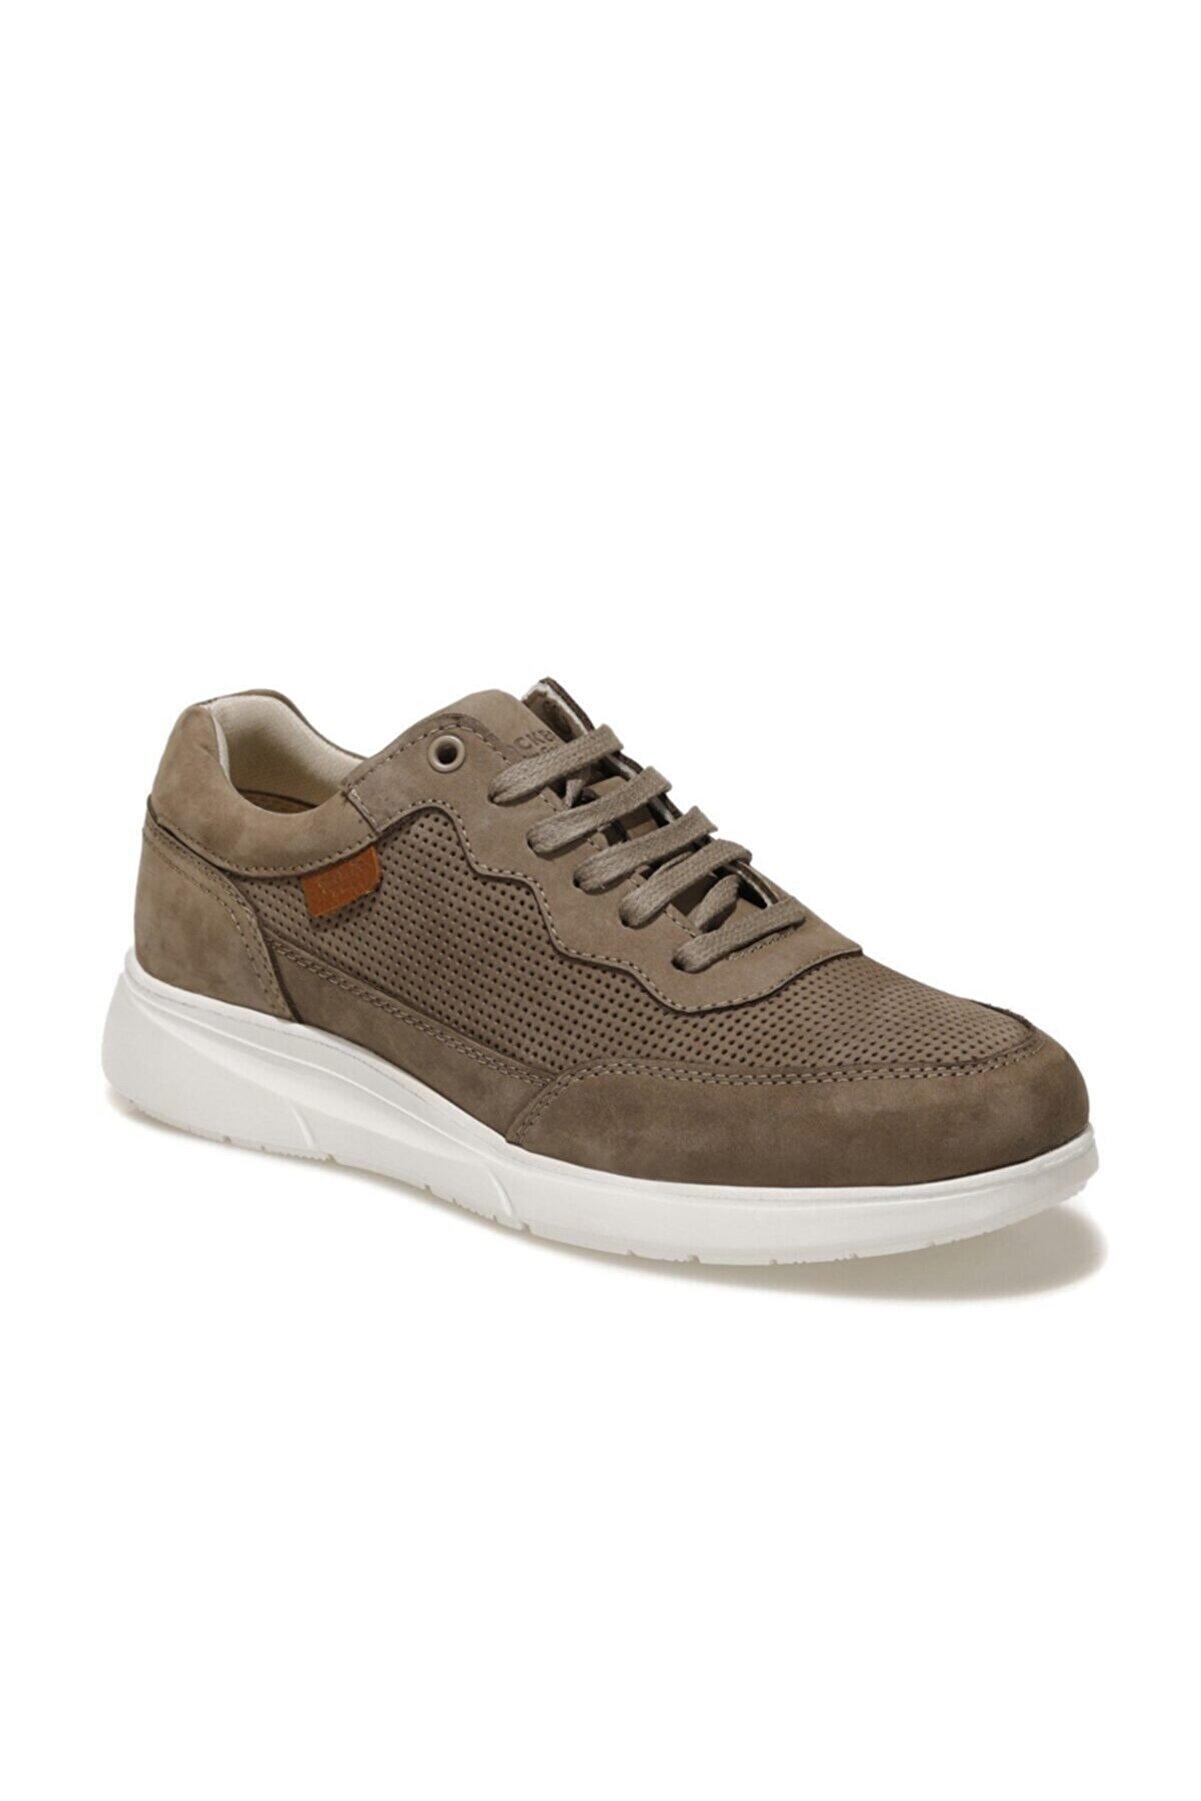 Dockers 230205 1FX Kum Rengi Erkek Ayakkabı 100916926